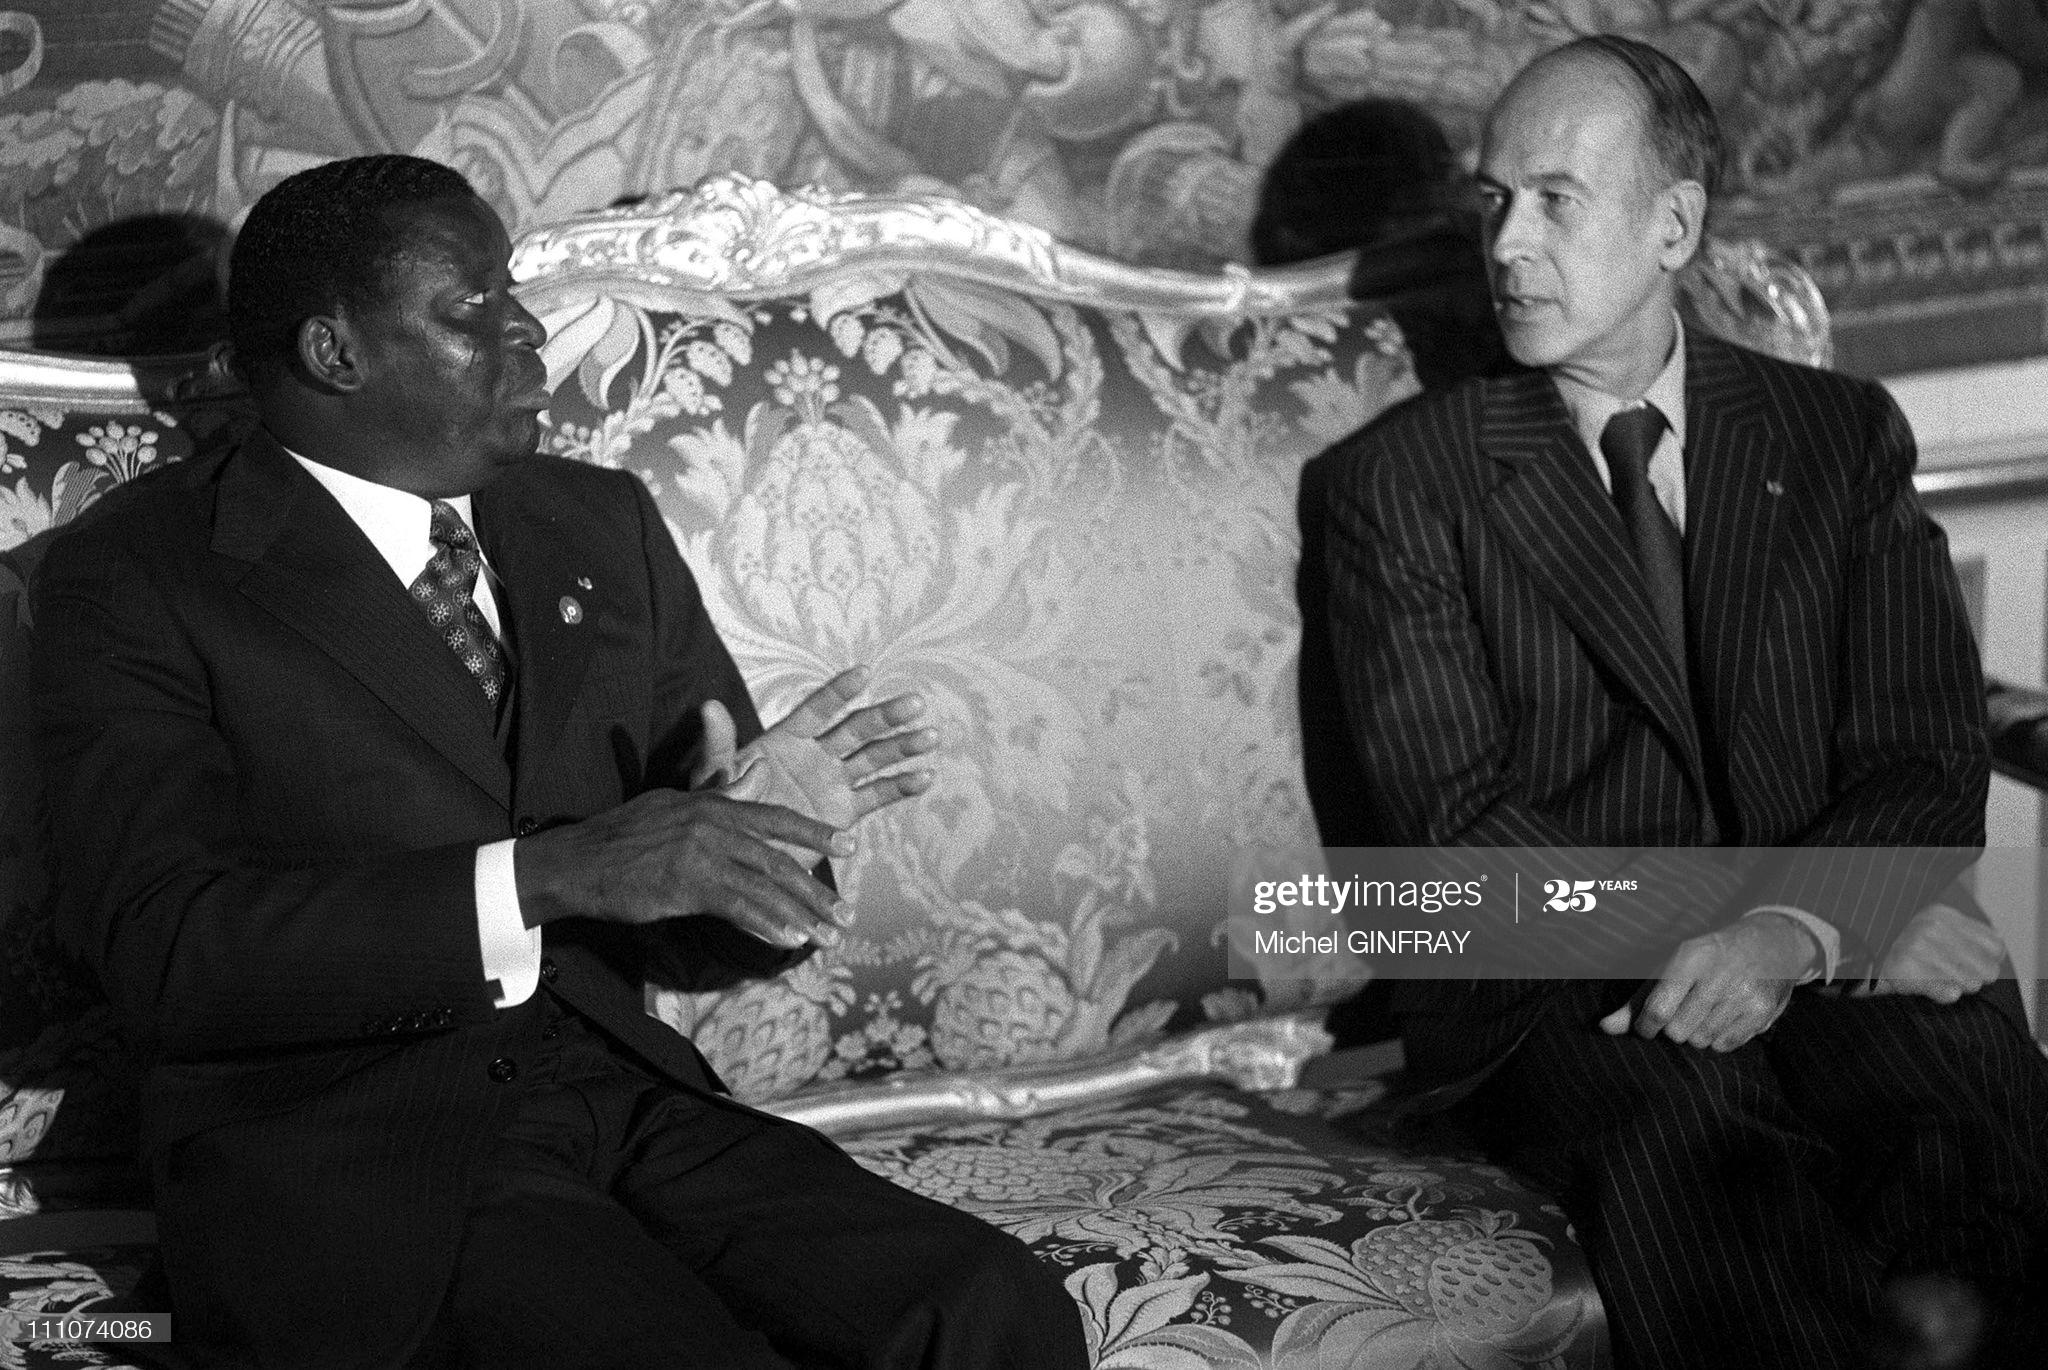 Giscard d' Estaing, l'ami des dictateurs africains est mort